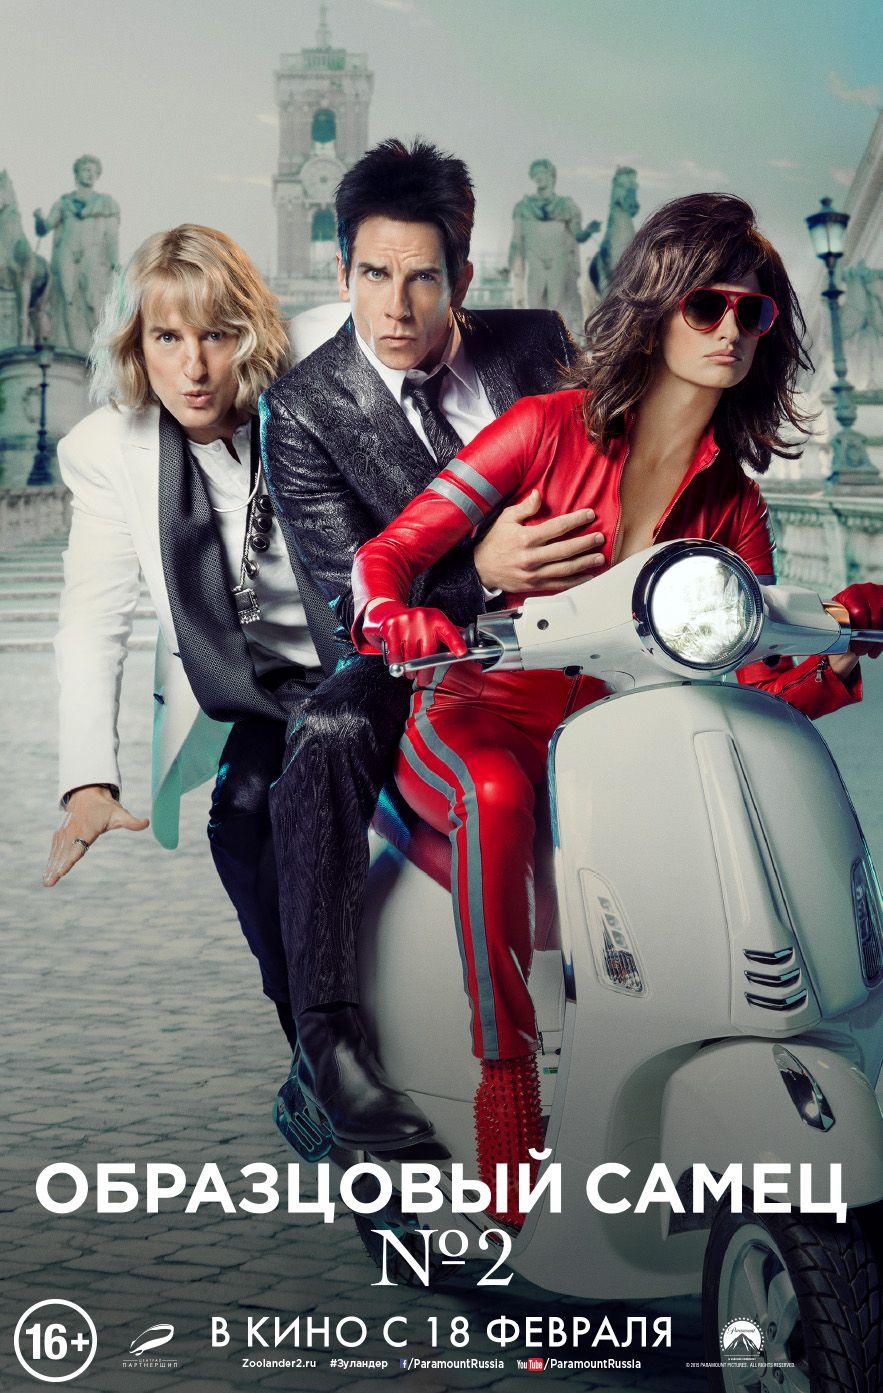 Образцовый самец 2 (2016) смотреть онлайн или скачать фильм через.